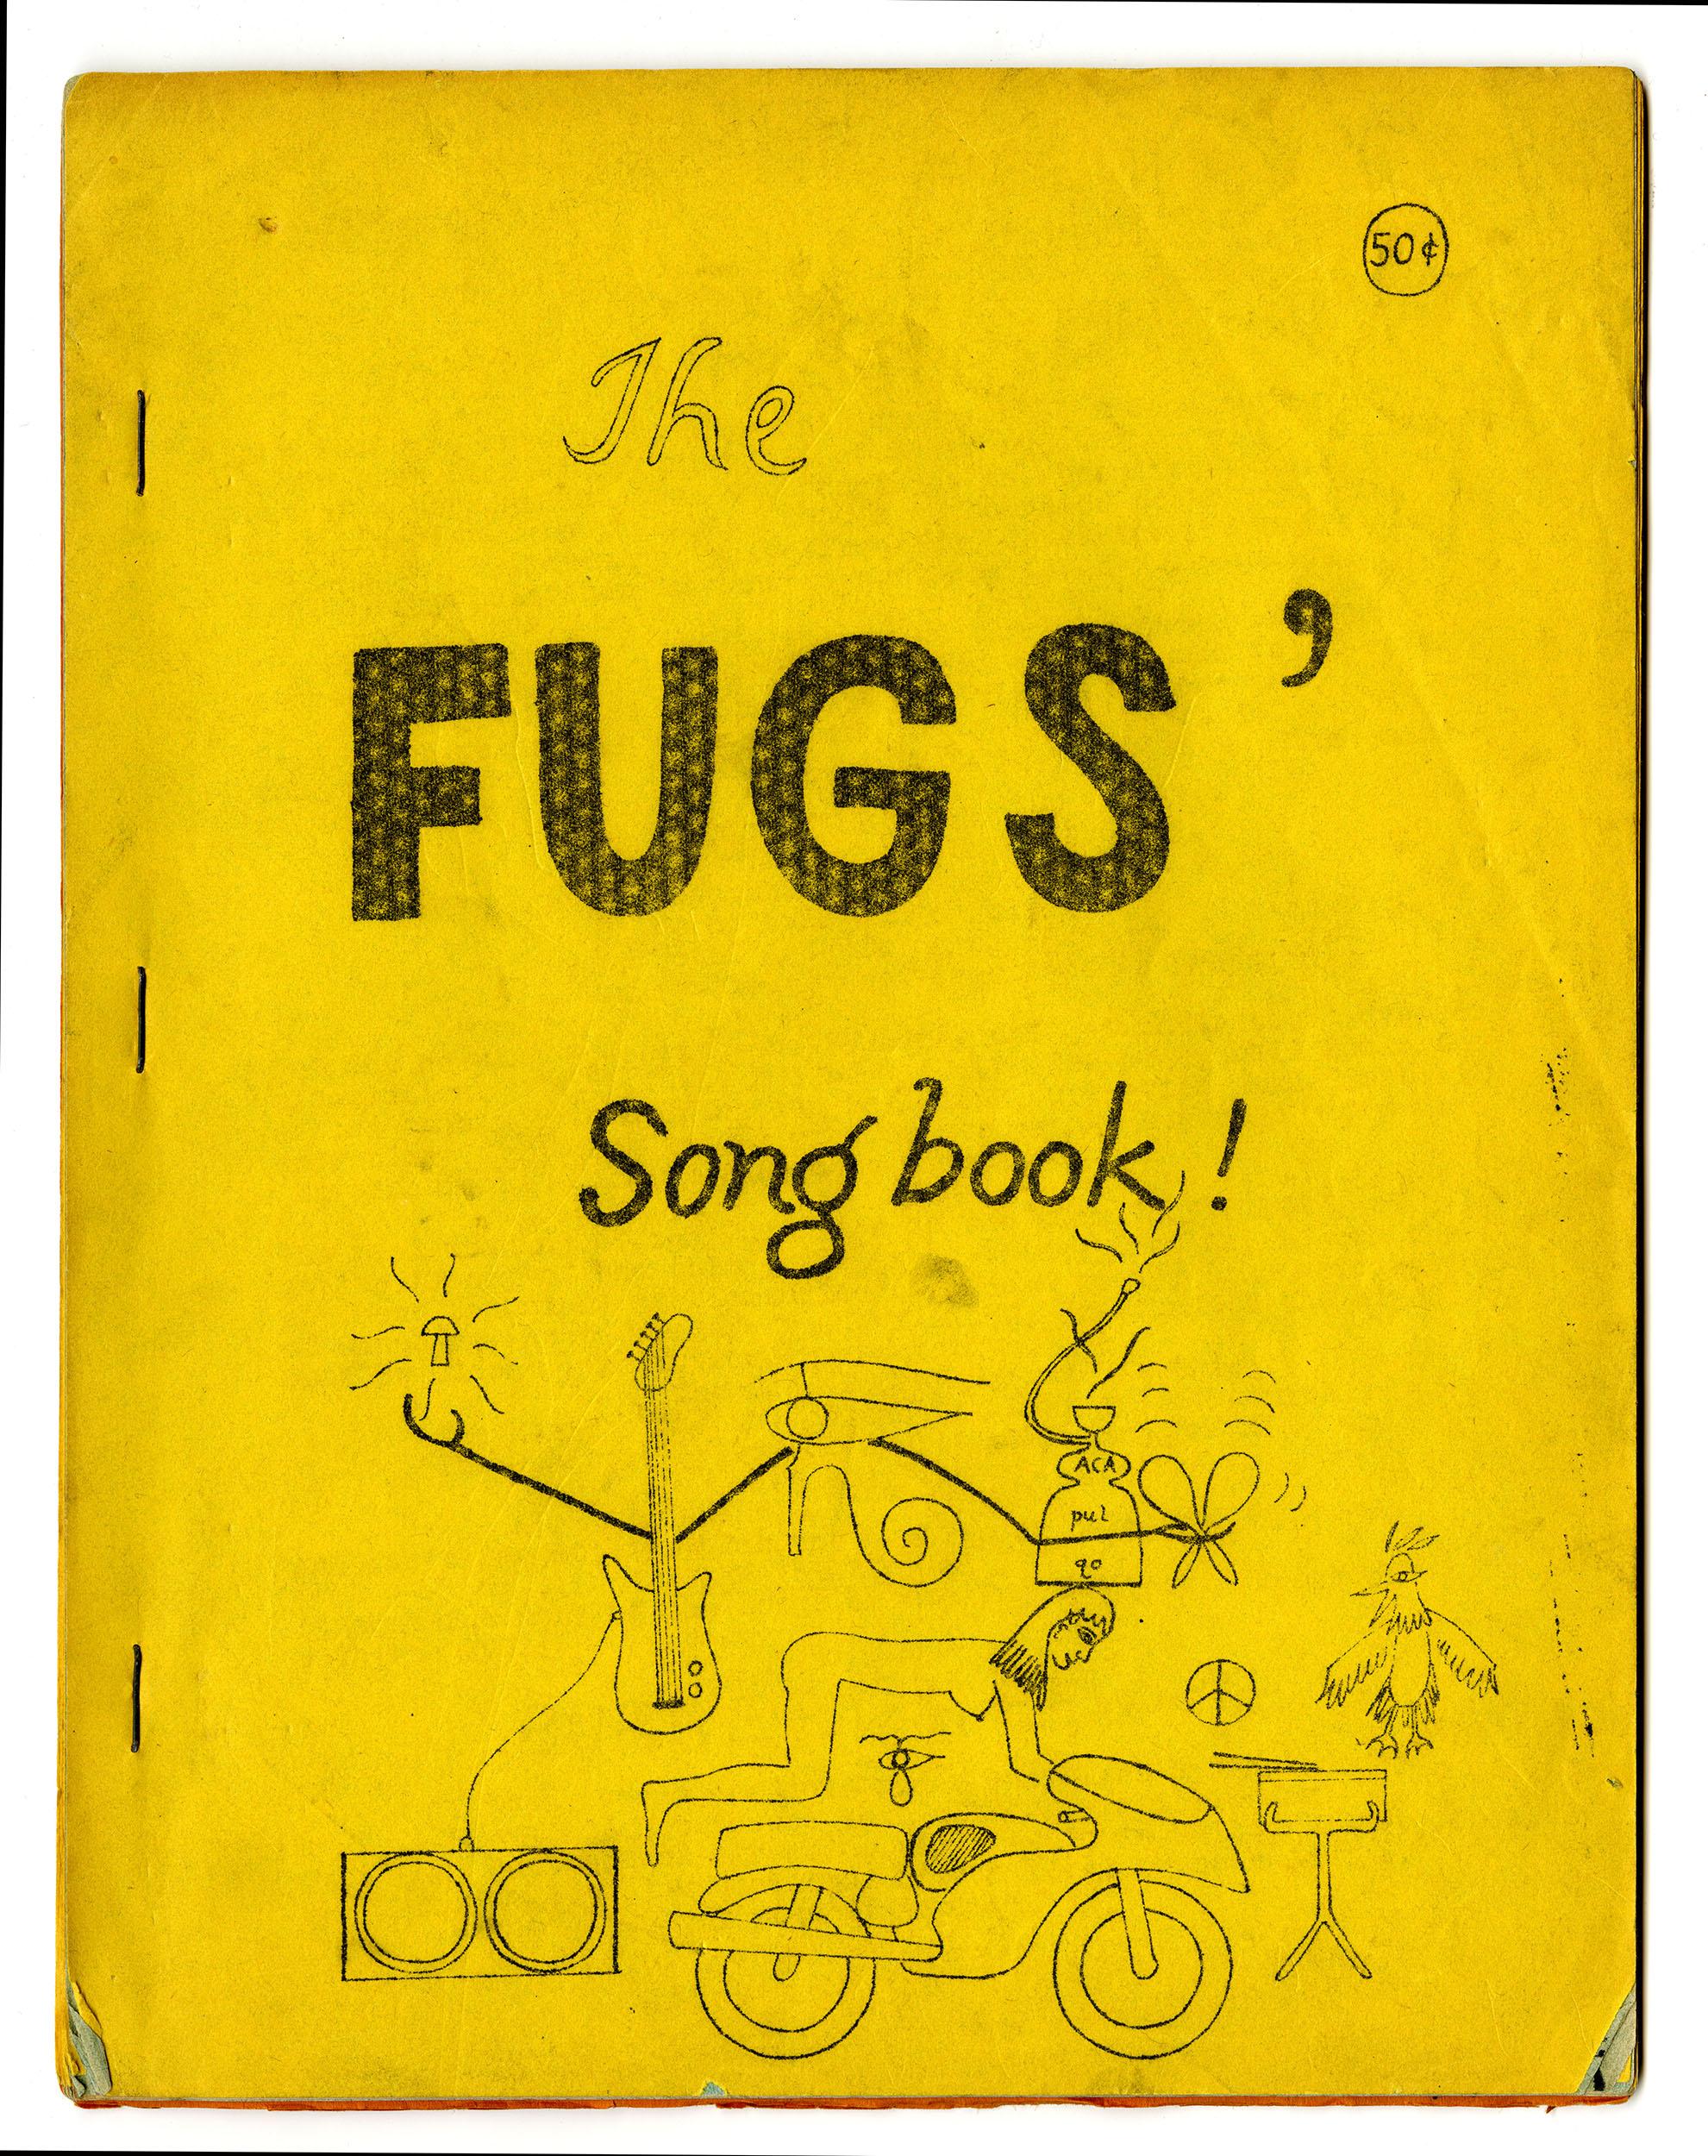 Ed Sanders. The Fugs Songbook!, 1965